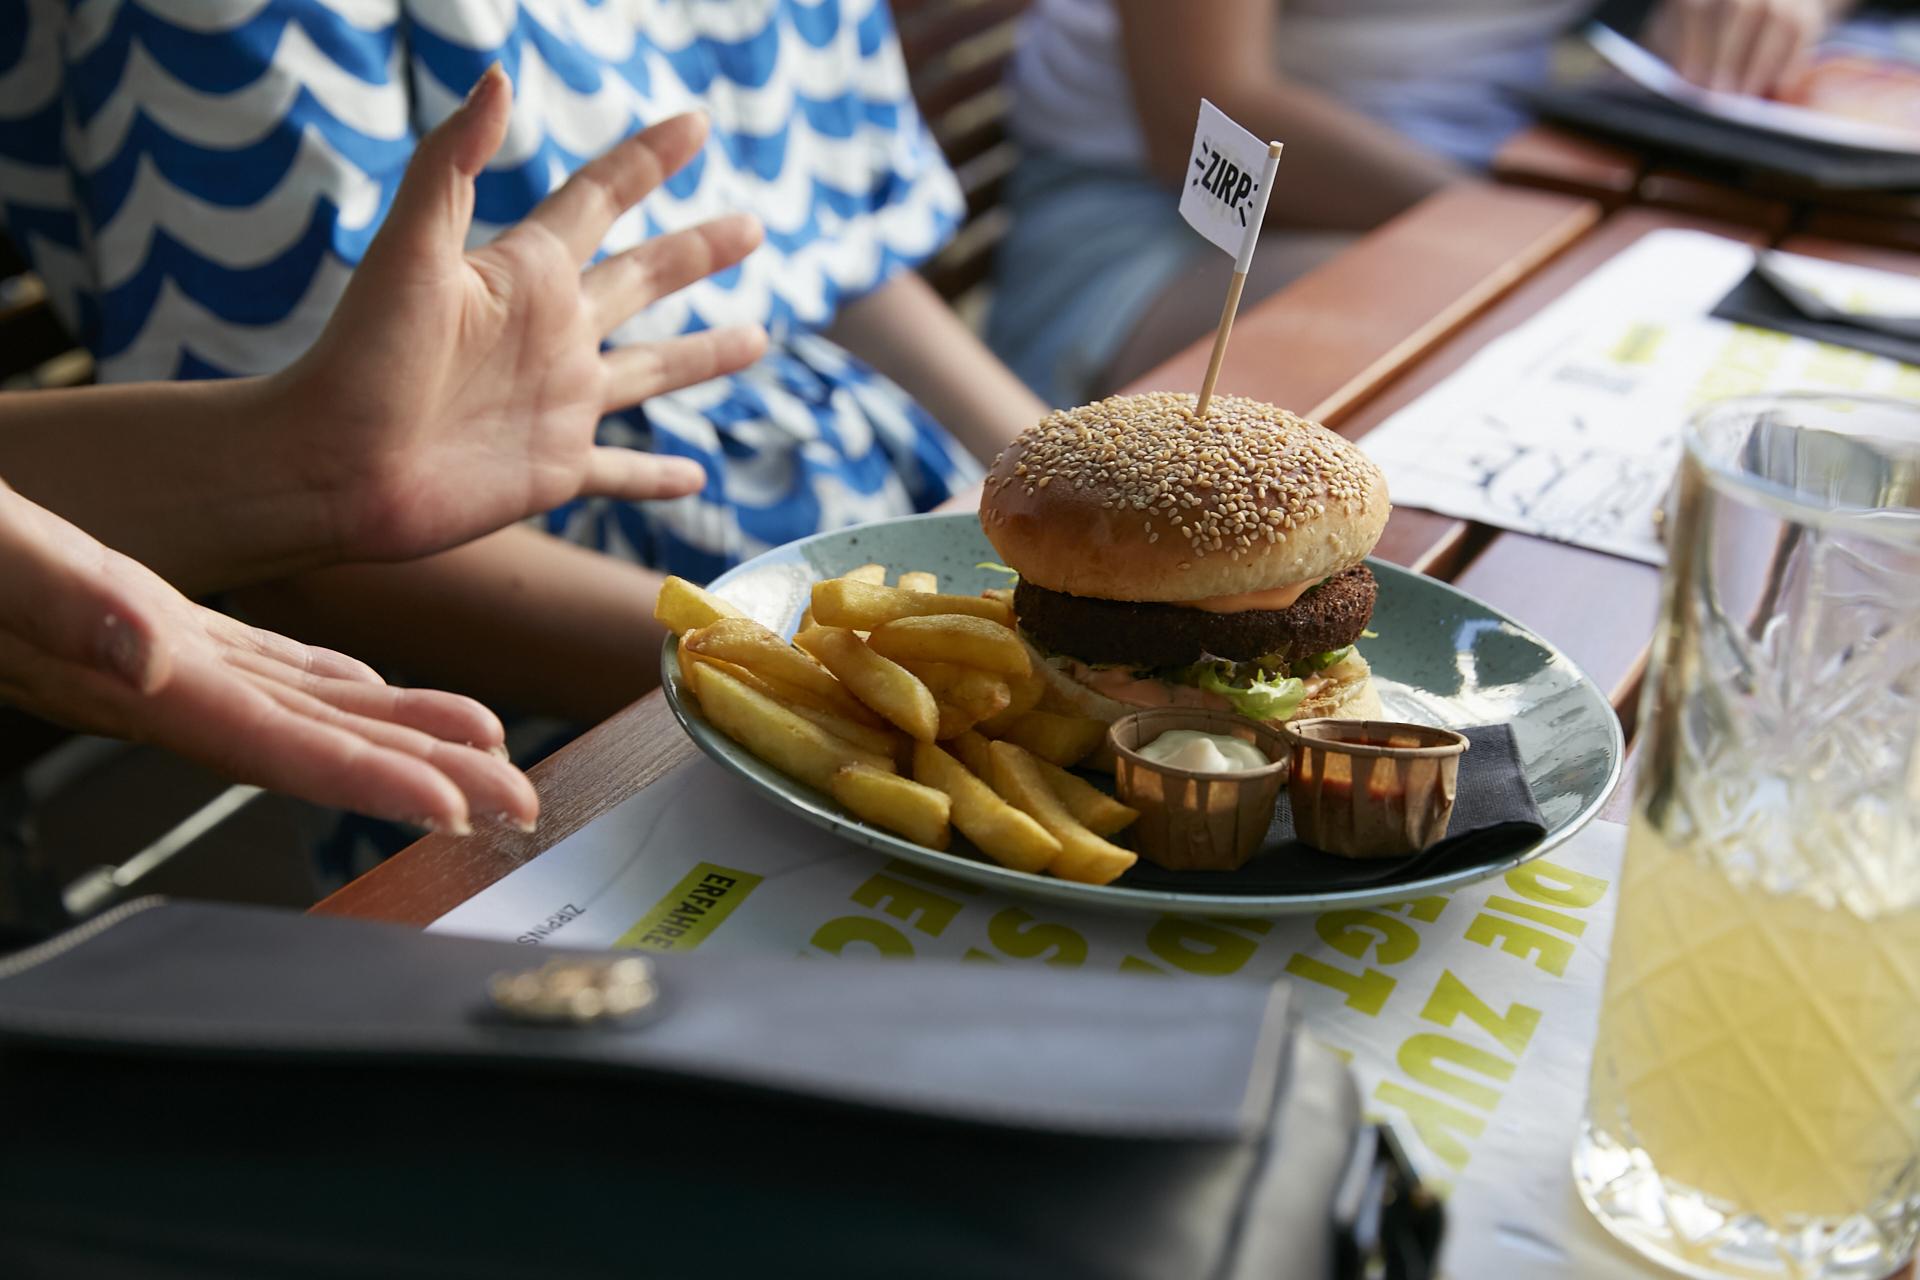 Ein Burger-Patty aus Insekten? Ja! Wir haben ihn für euch bei seiner Premiere gleich unerschrocken verkostet und waren begeistert. Fotocredit: © ZIRP Insects